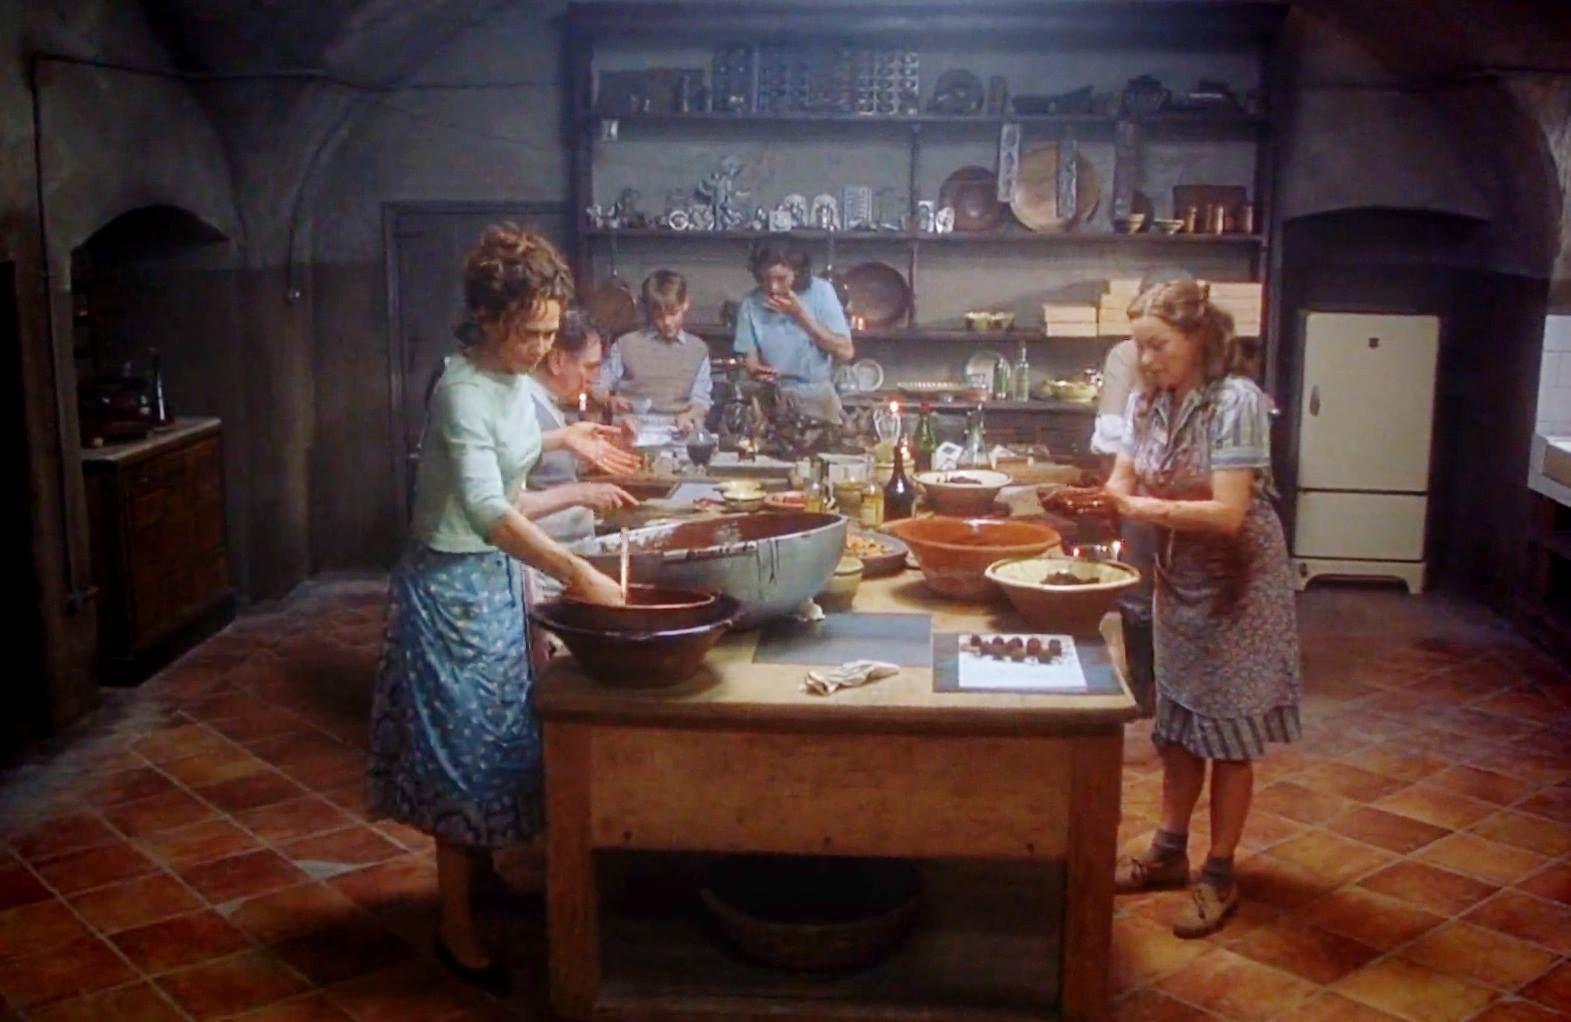 vianne chocolat Chocolat è una dolcissima commedia che racconta la storia della girovaga vianne e della sua figlioletta anouk arrivate in un piccolo e disperso paesino della.